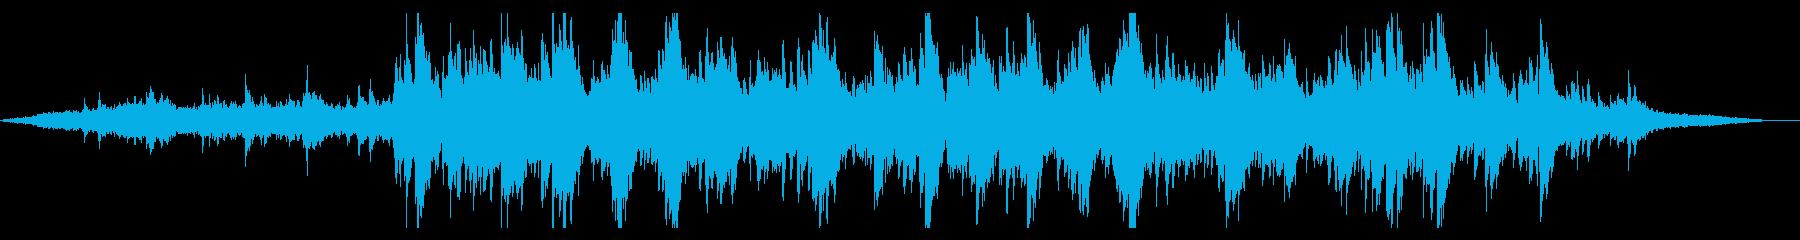 爽やかで抽象的なピアノアンビエントの再生済みの波形